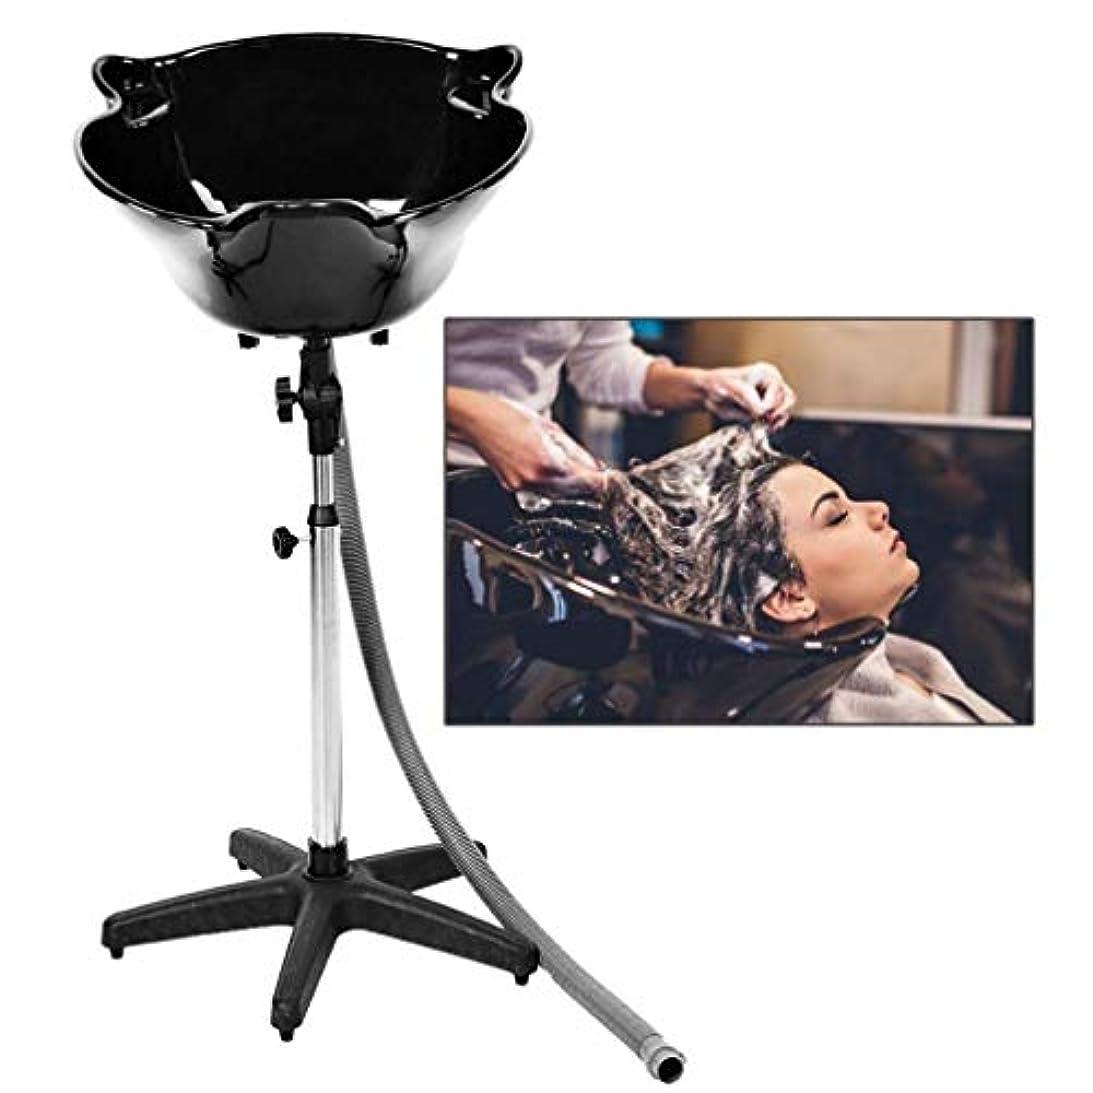 危険トリプル圧縮携帯用鉱泉の毛のシャンプーボール、排水管のシャンプーの流しの美容院装置が付いている調節可能な高さの流しの洗面器(#210)